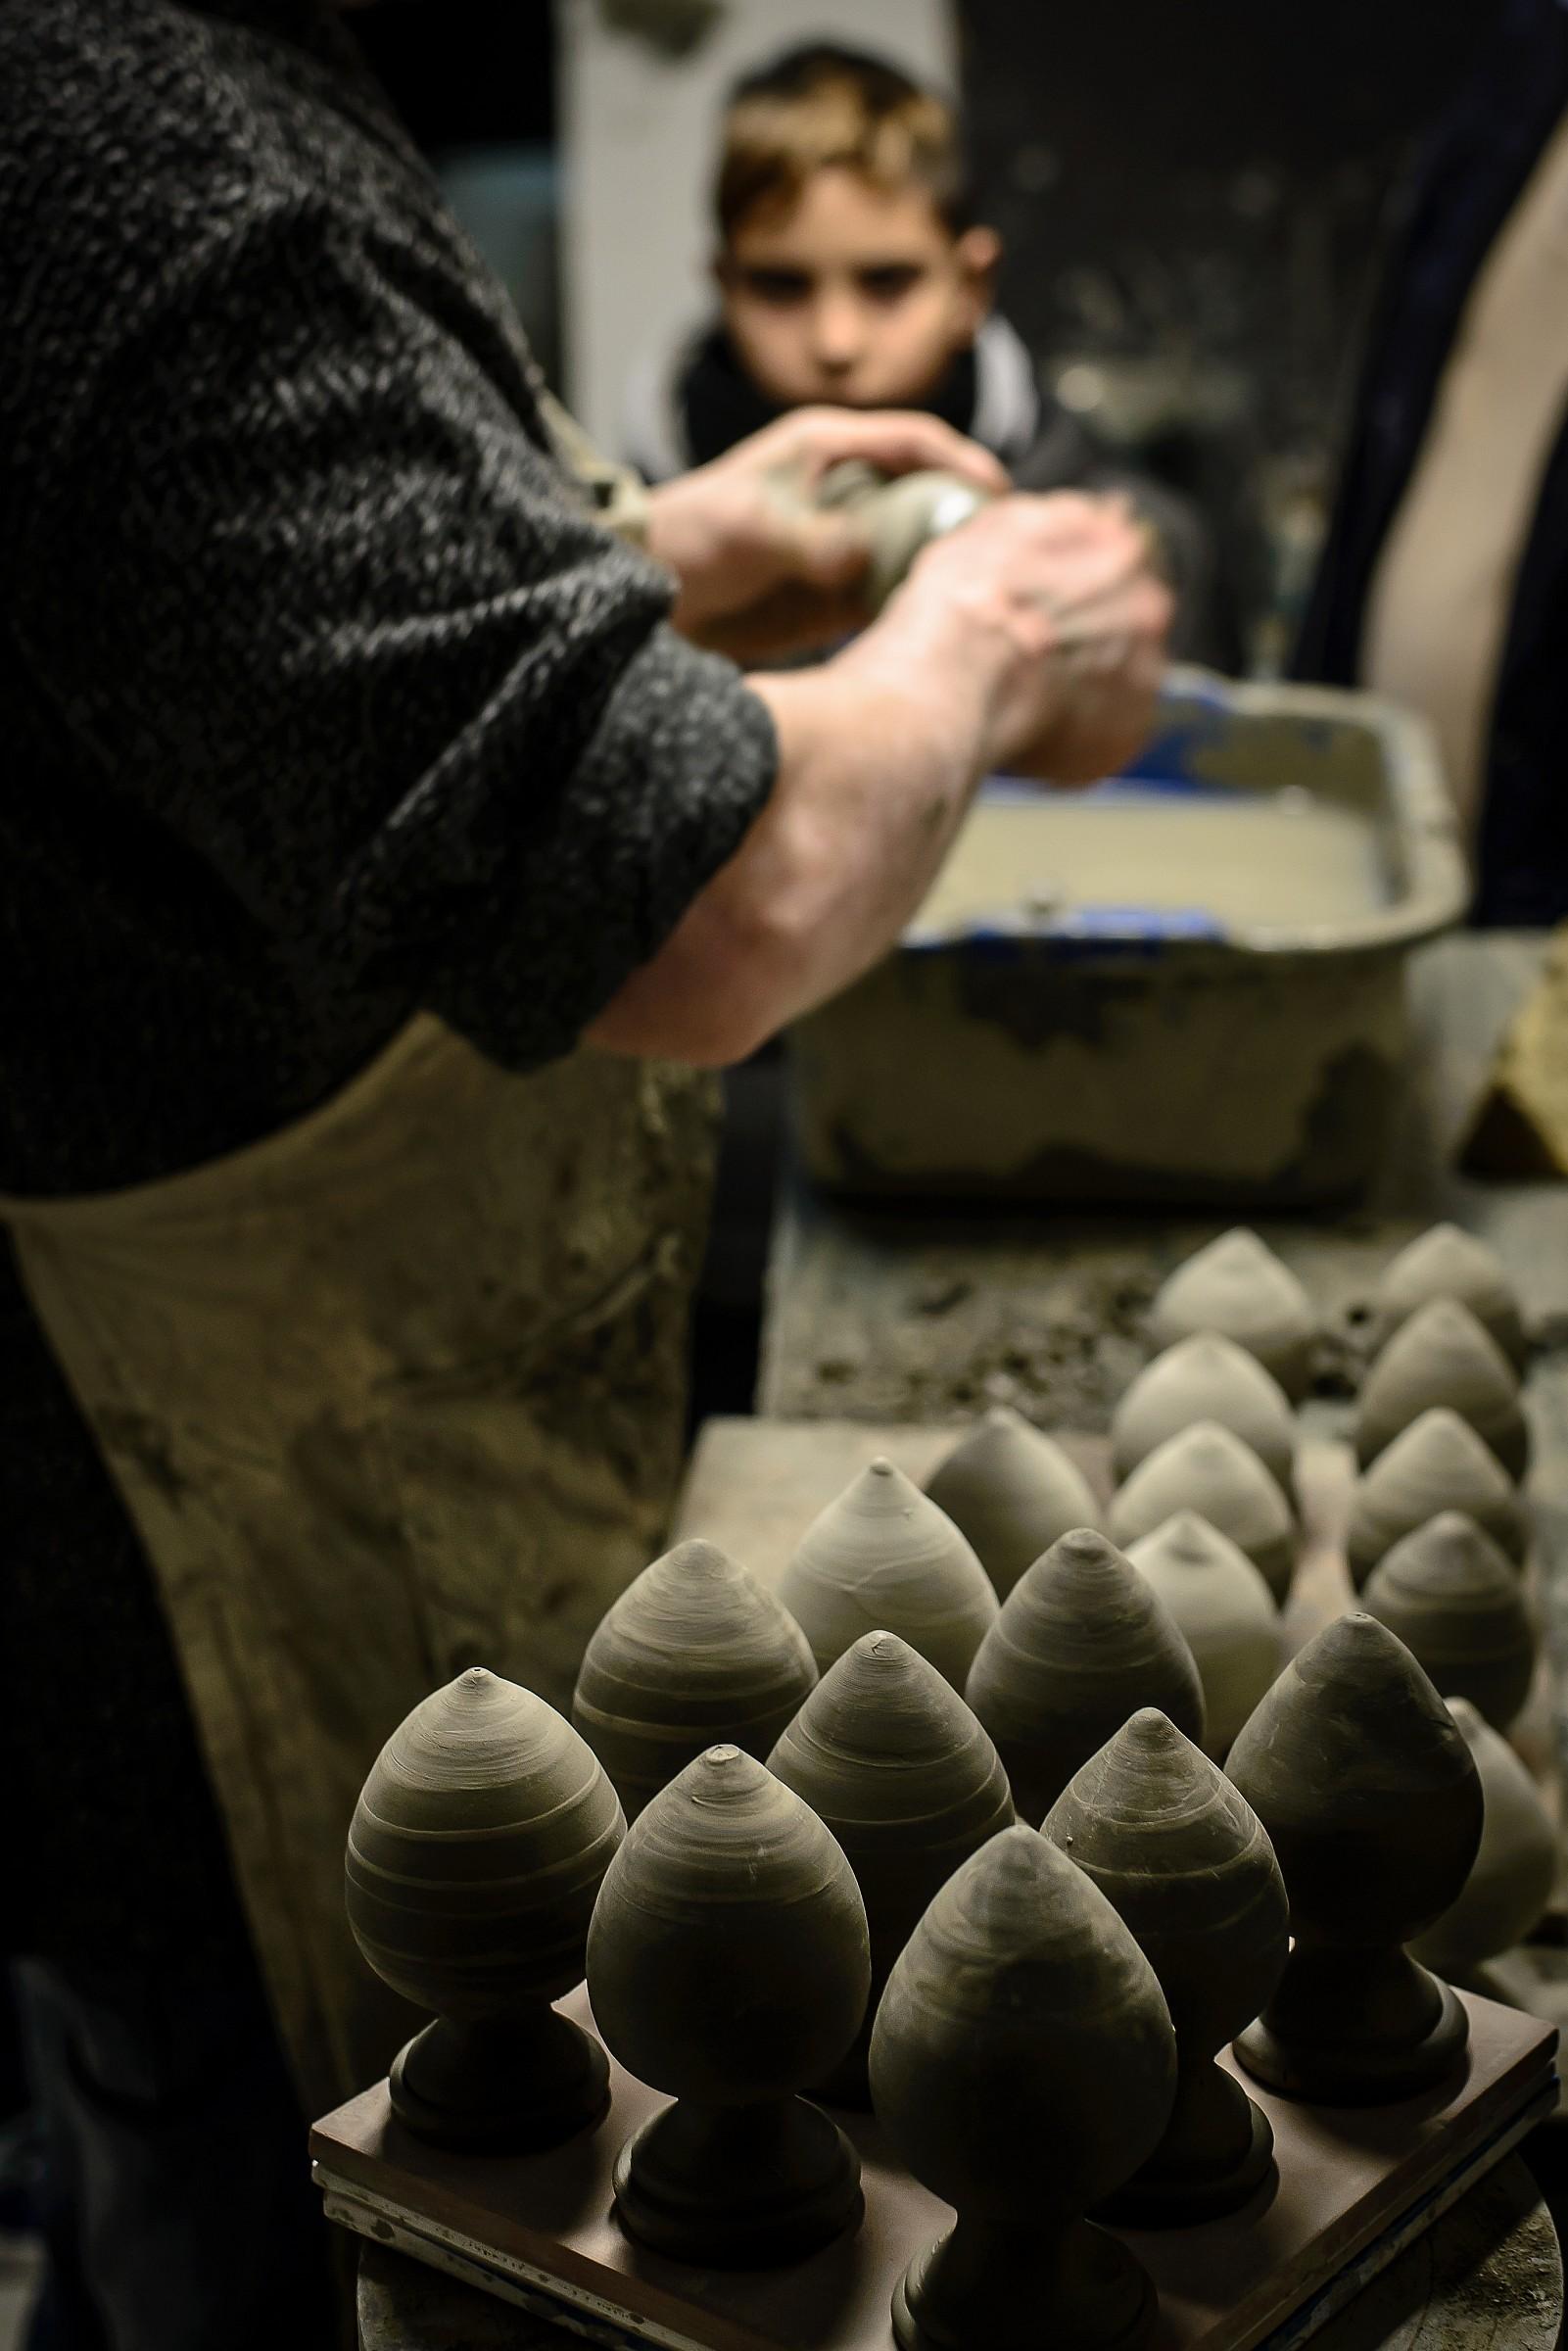 The Ceramista...